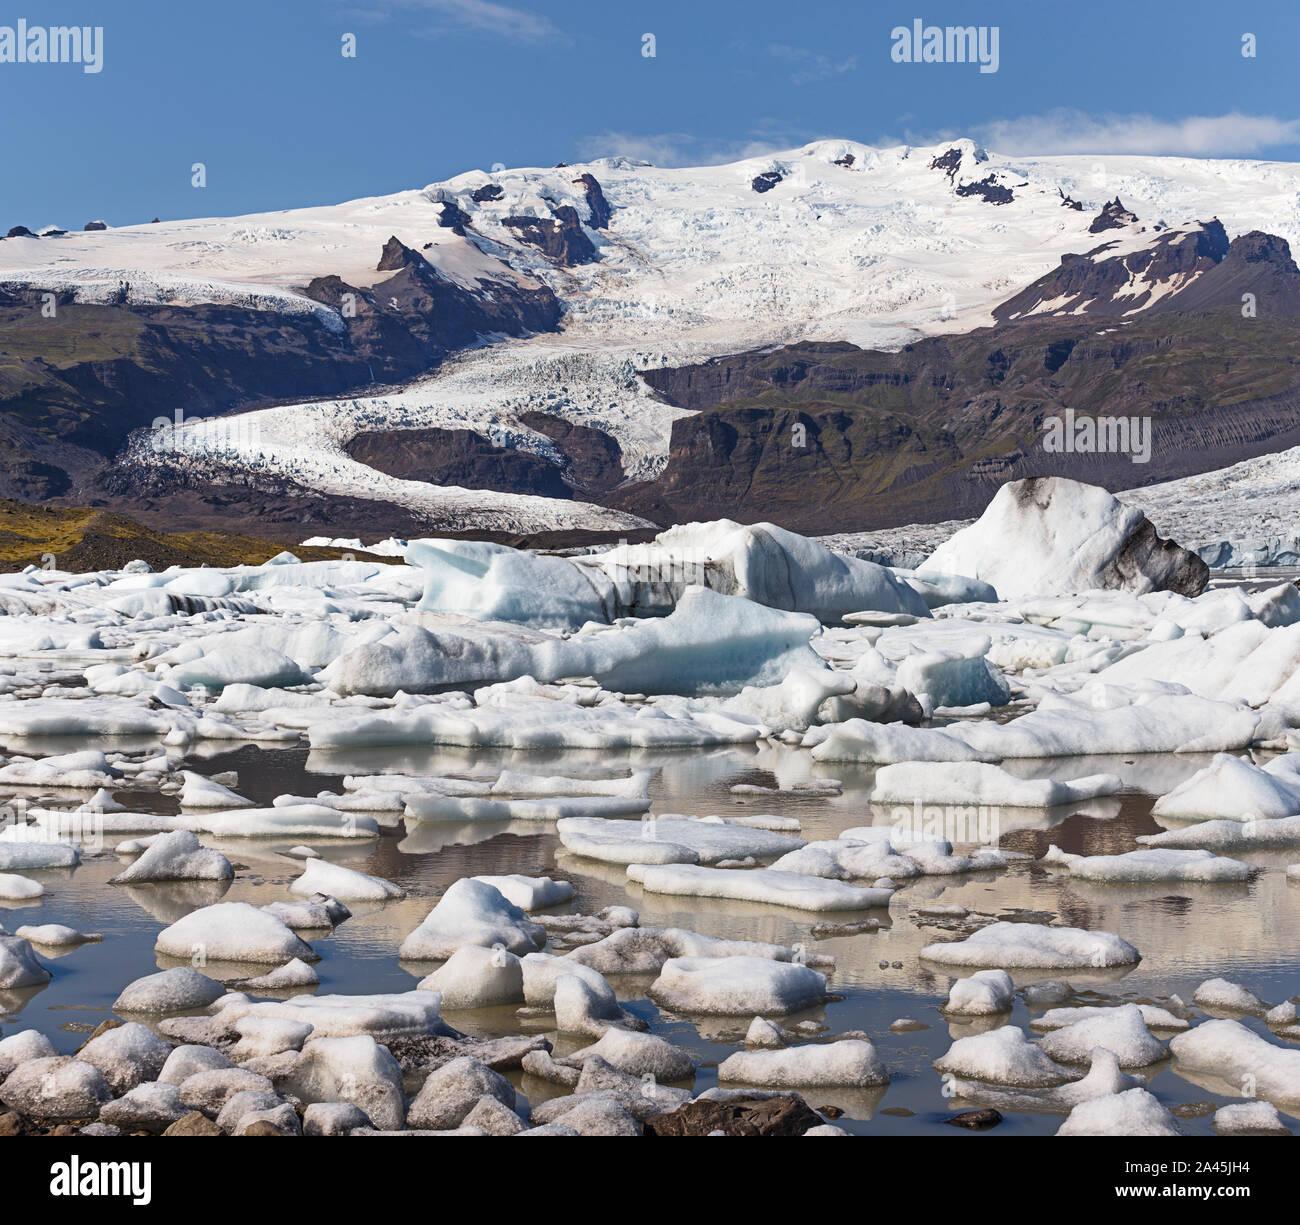 Laguna glaciar en Islandia Fjallsarlon Foto de stock